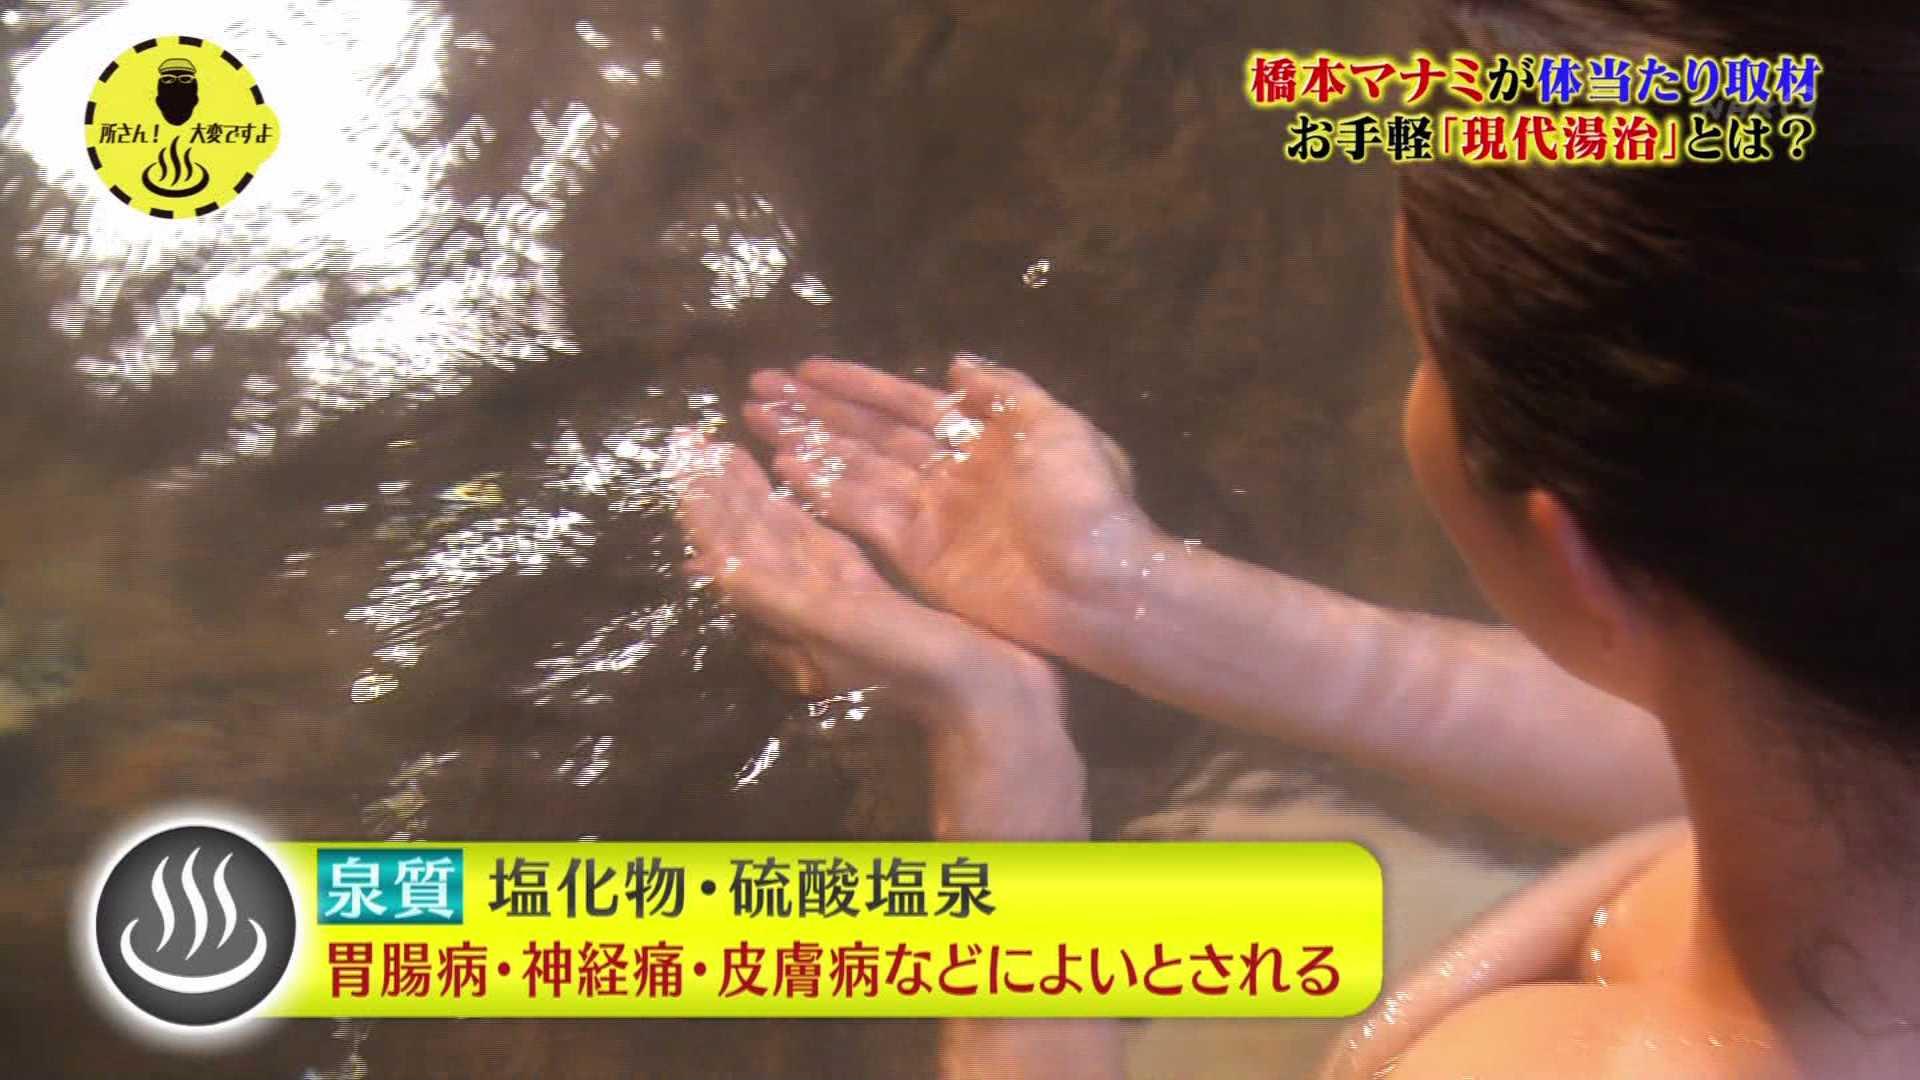 『所さん!大変ですよ』の入浴エロキャプ画像その9